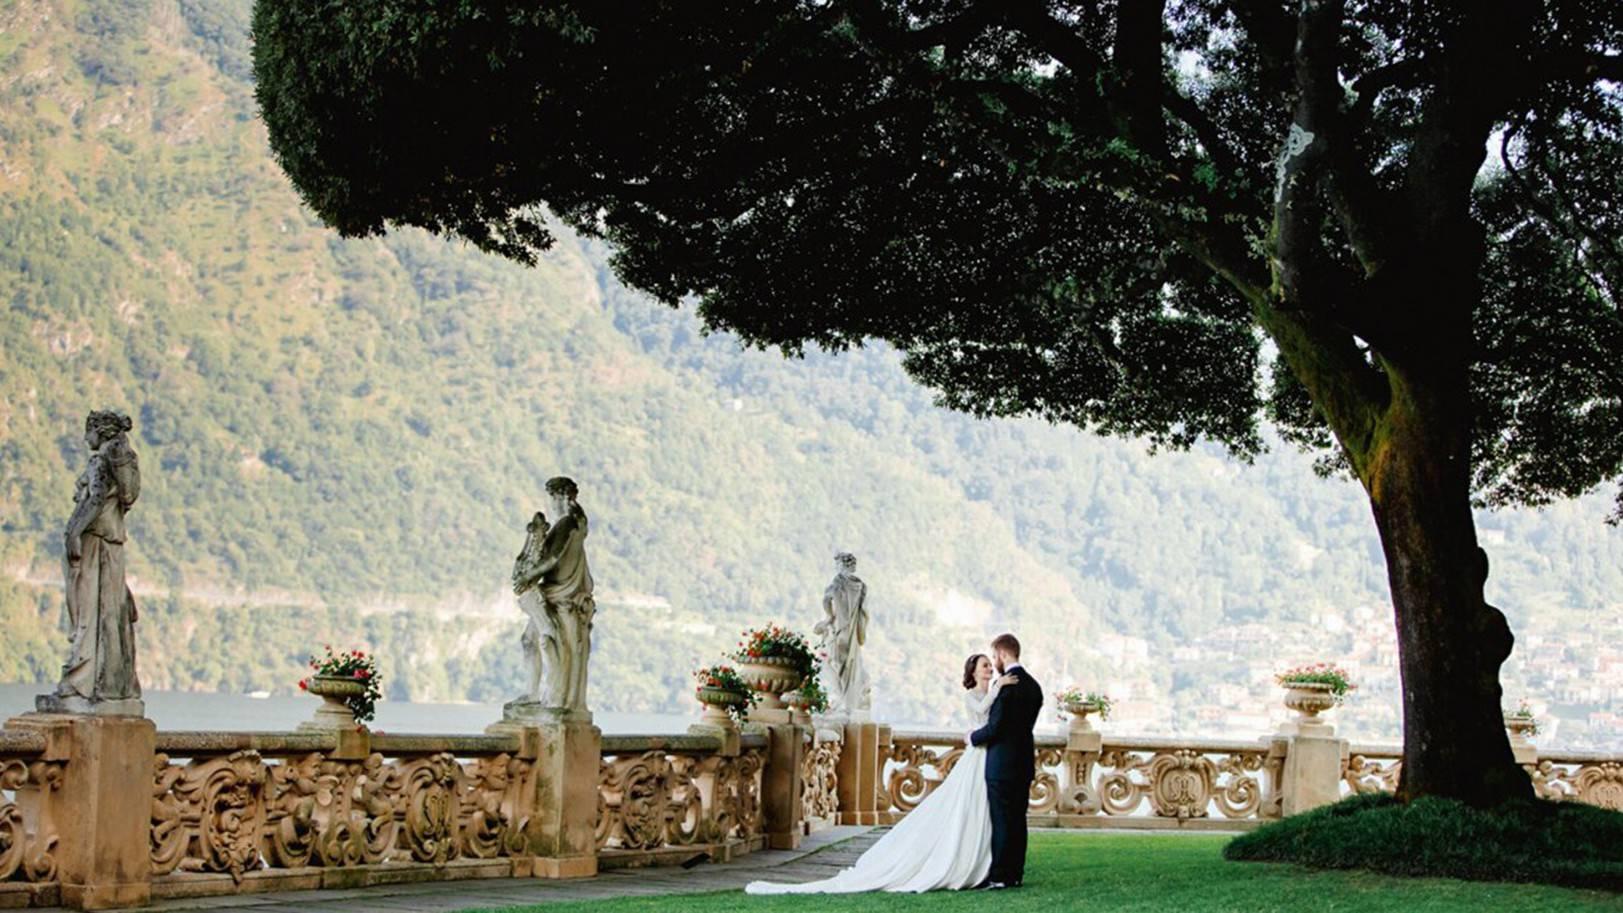 Свадьба в итальянском стиле: украшение зала, традиции, выбор наряда и другие особенности